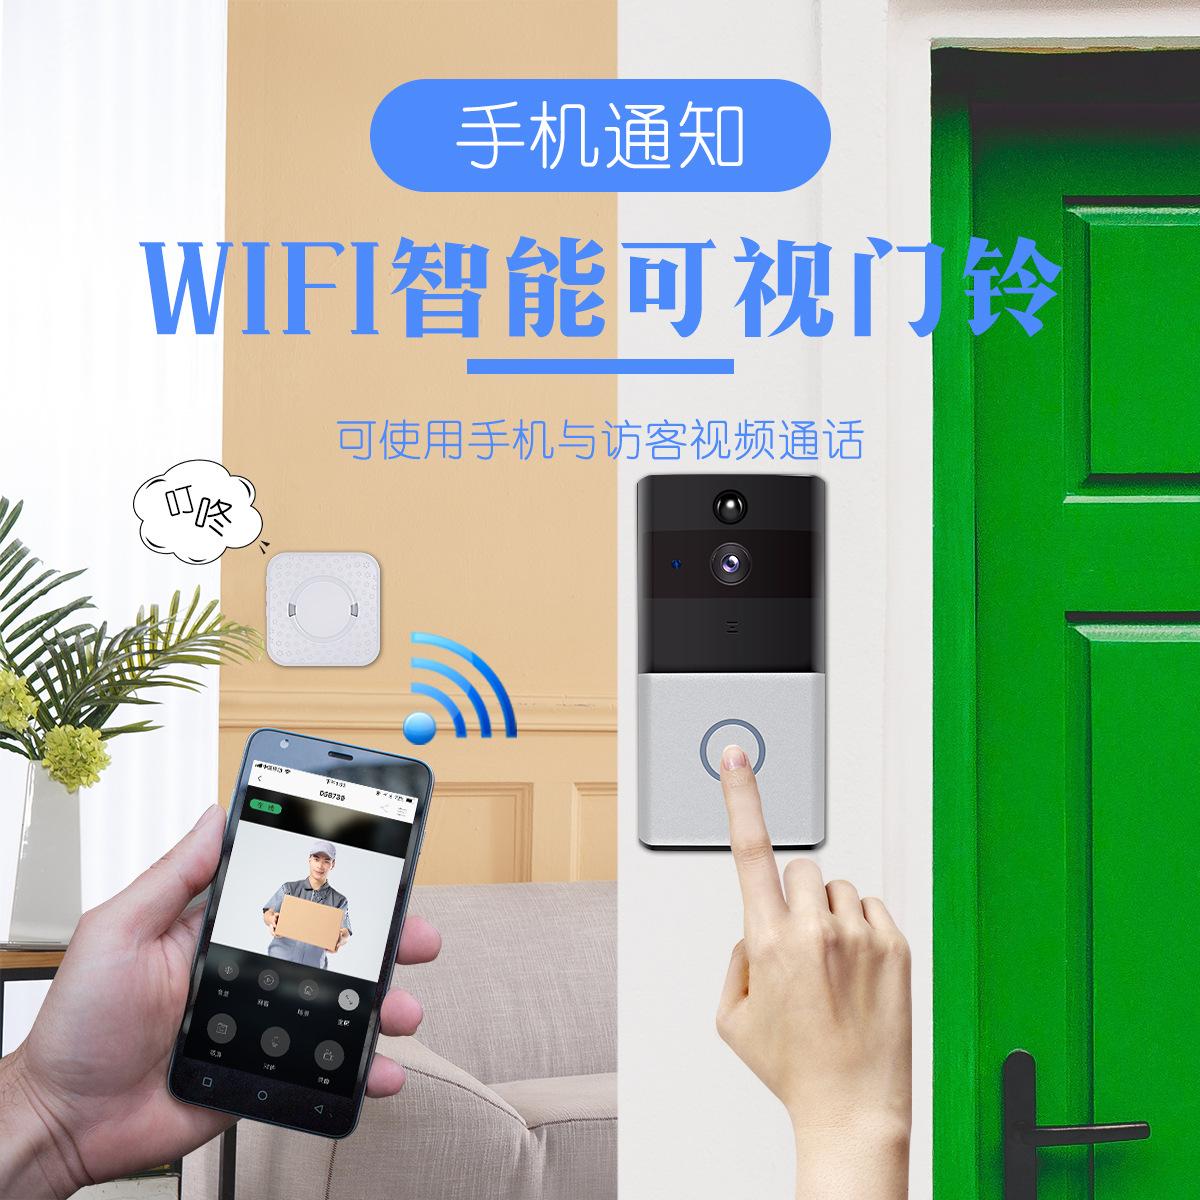 智能报警家用WiFi可视门铃无线手机远程监控视频对讲防盗门铃